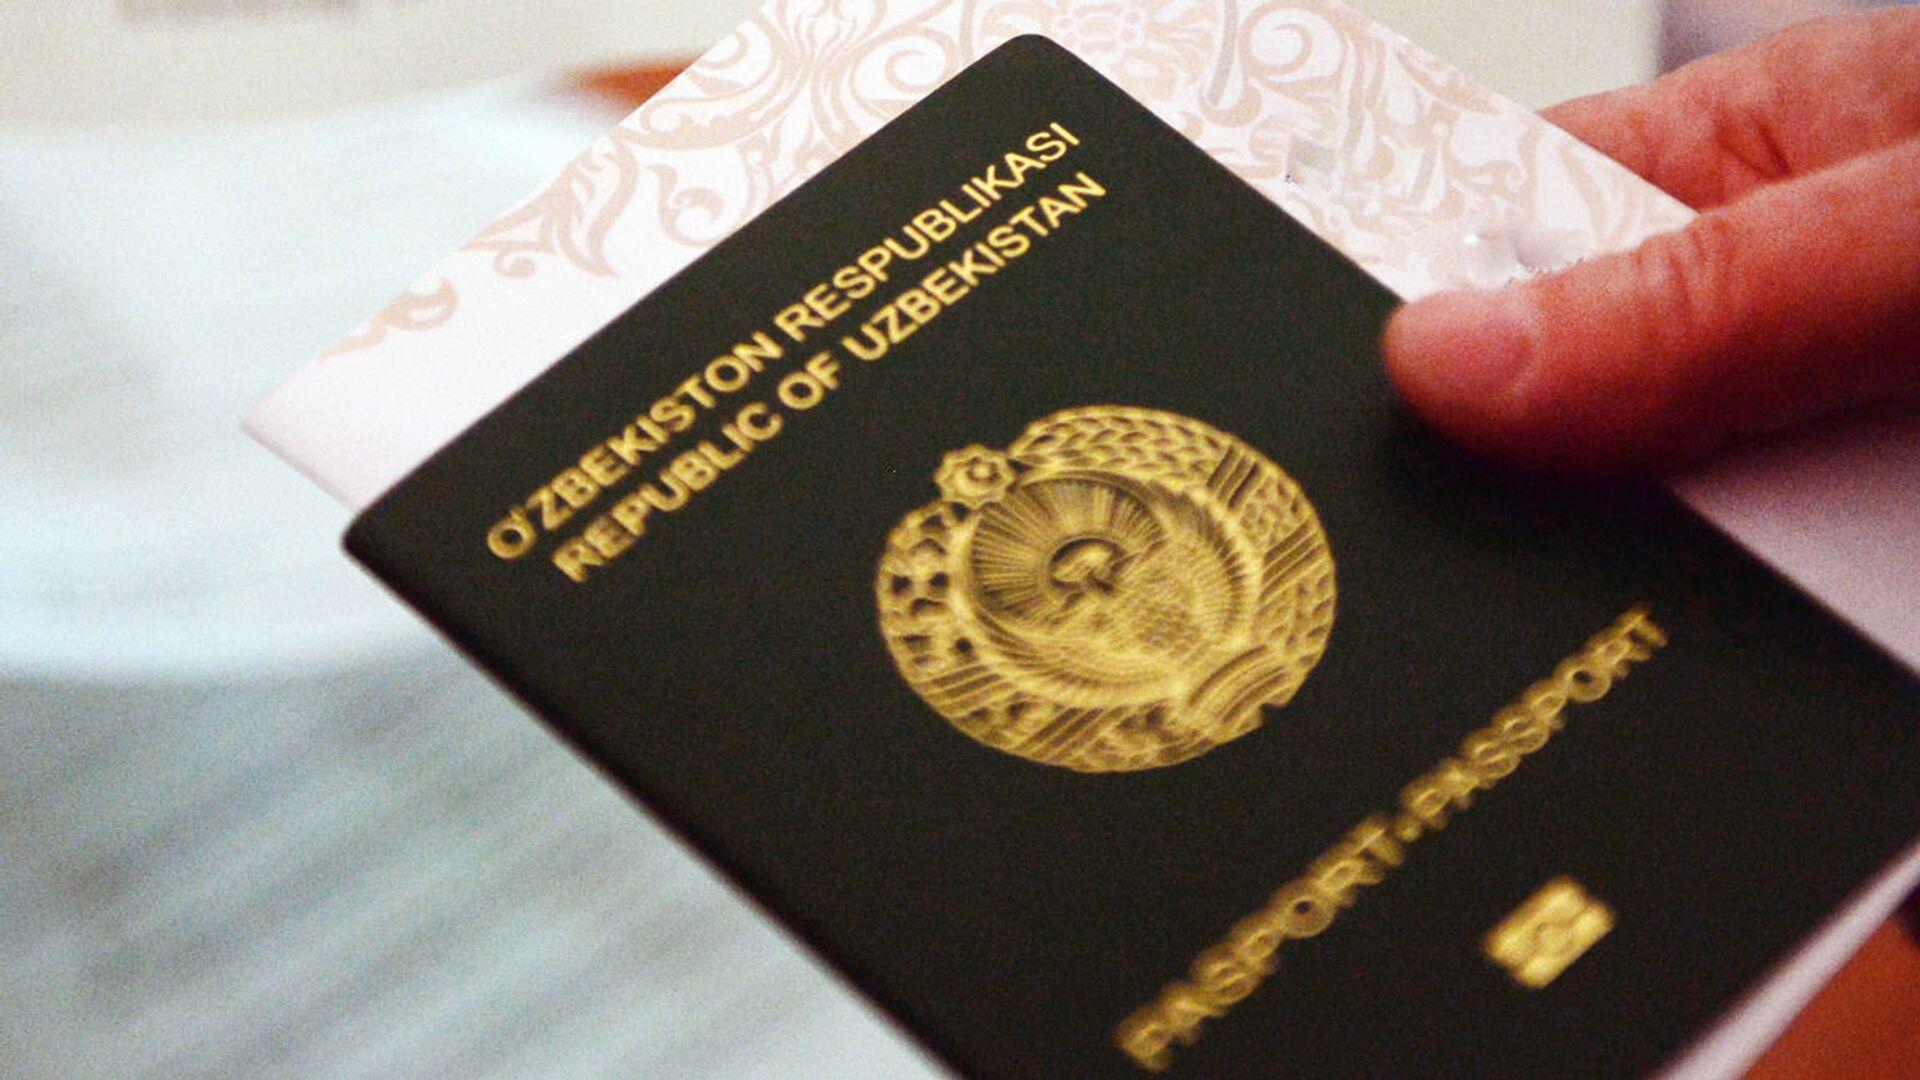 Паспорт гражданина Узбекистана - Sputnik Узбекистан, 1920, 28.09.2021